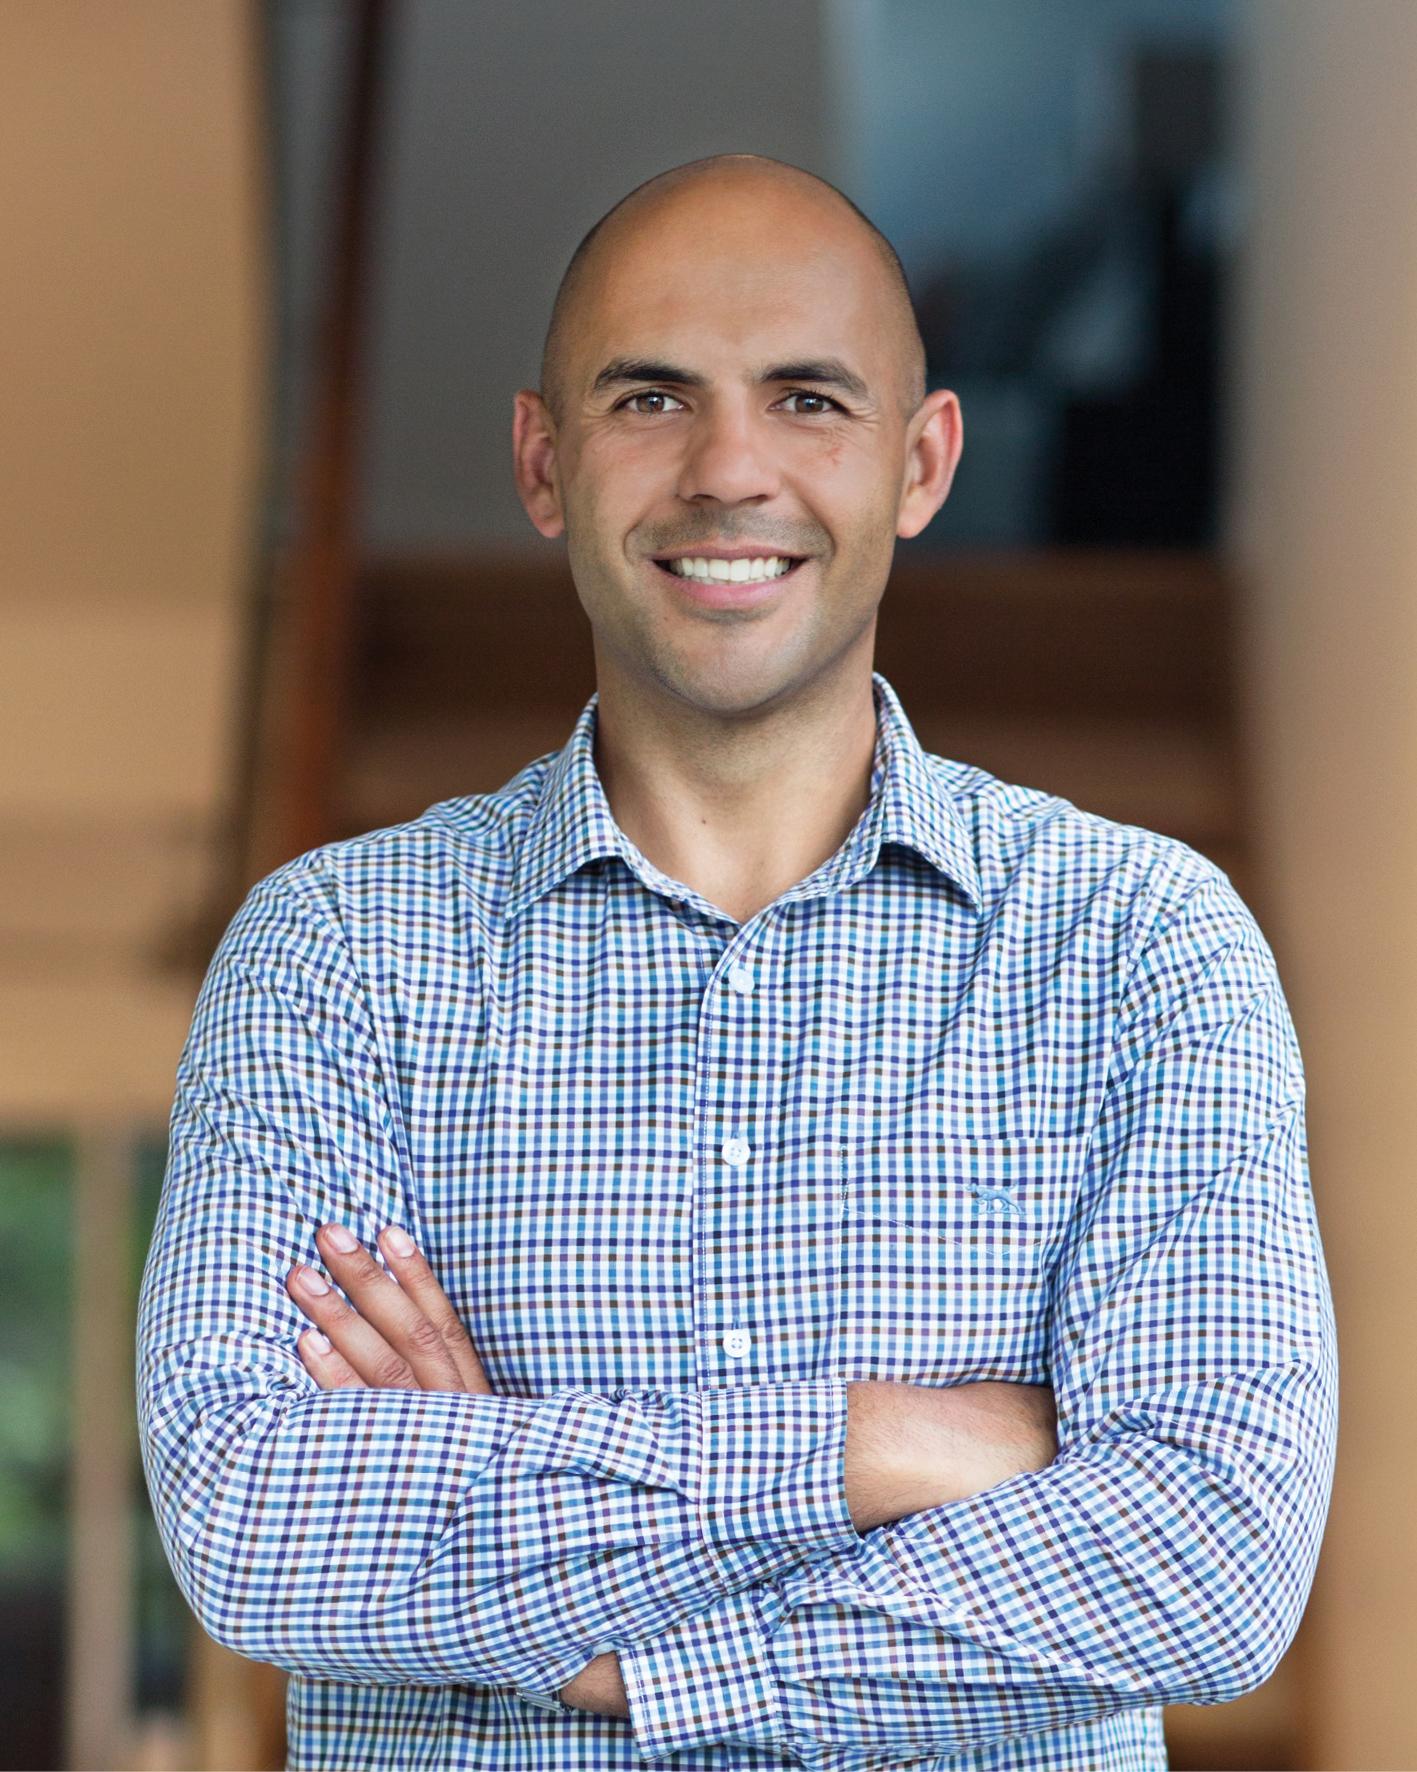 Daniel Argent